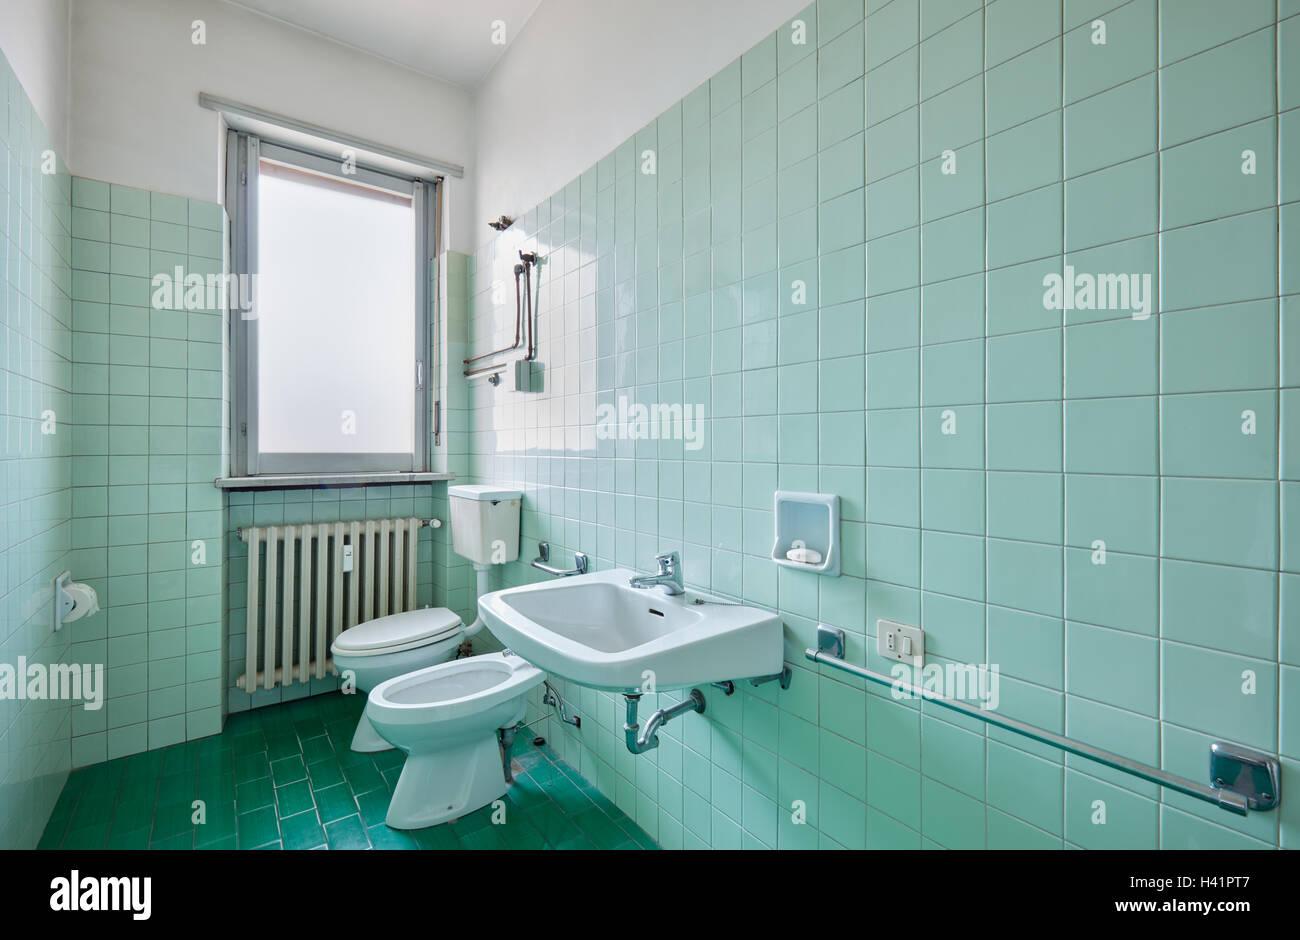 Antico Bagno interno con piastrelle verdi Foto  Immagine Stock 122971079  Alamy